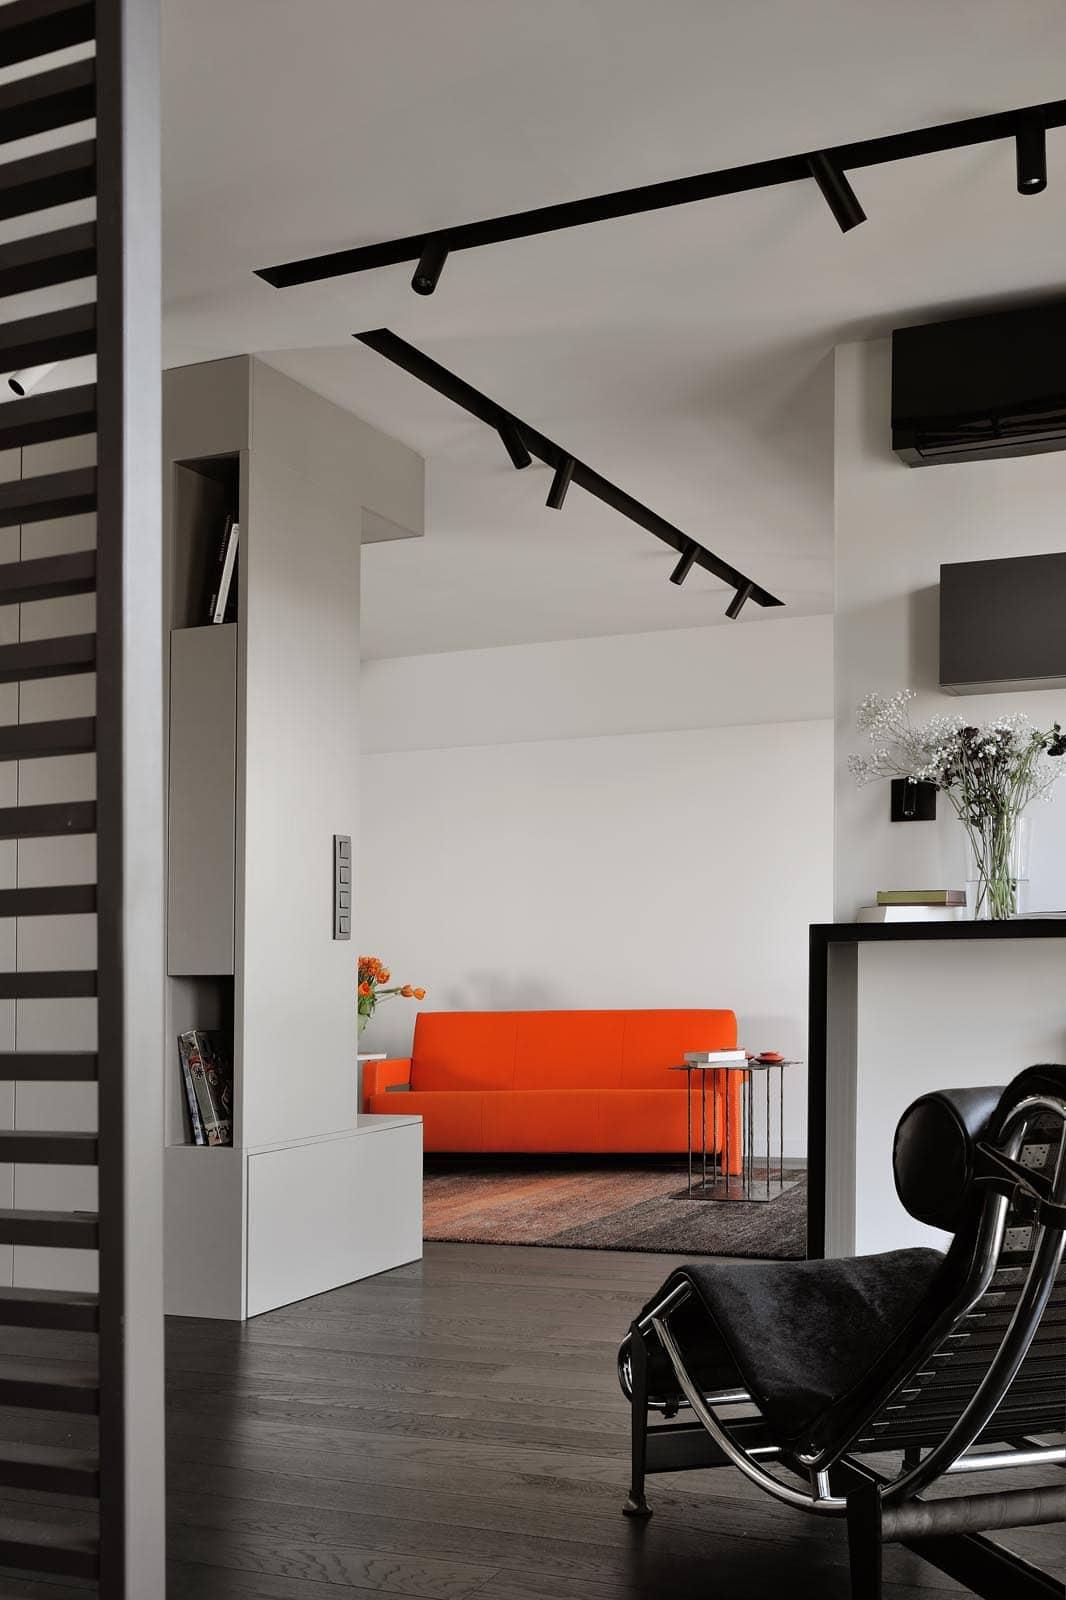 St-Antoine_Architecture-Interieur_VADOT_02